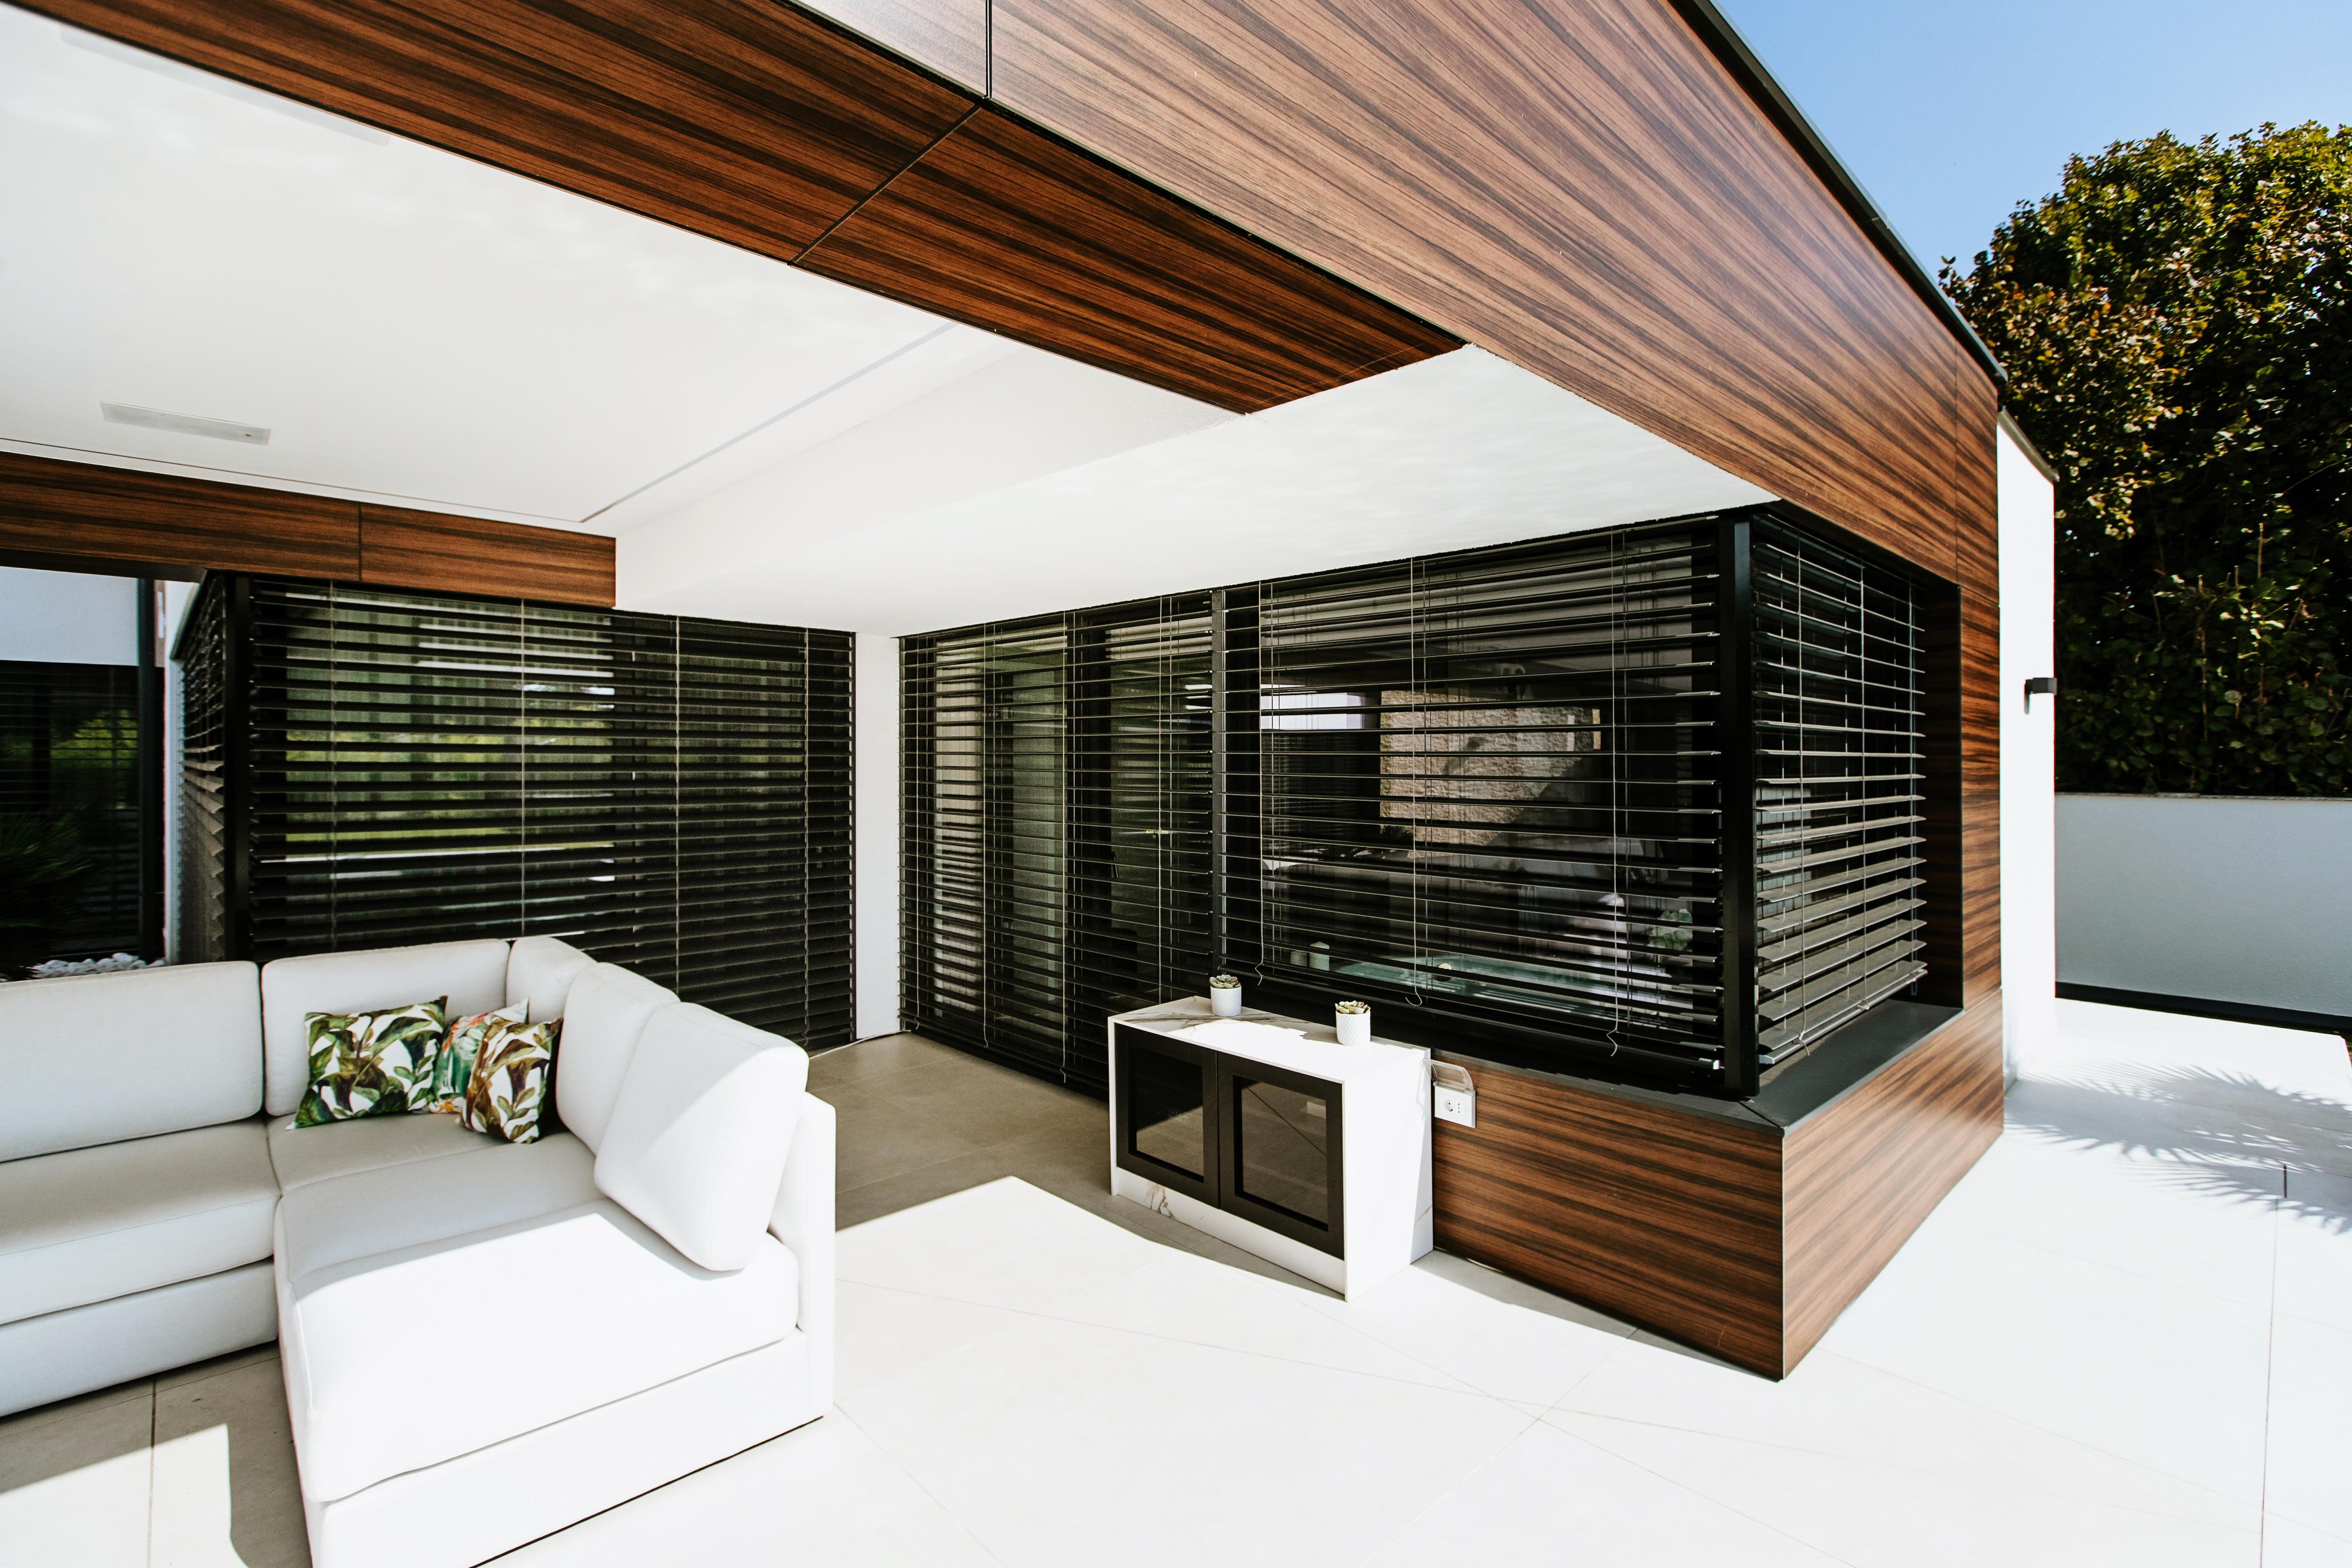 Moderní dům s venkovními žaluziemi